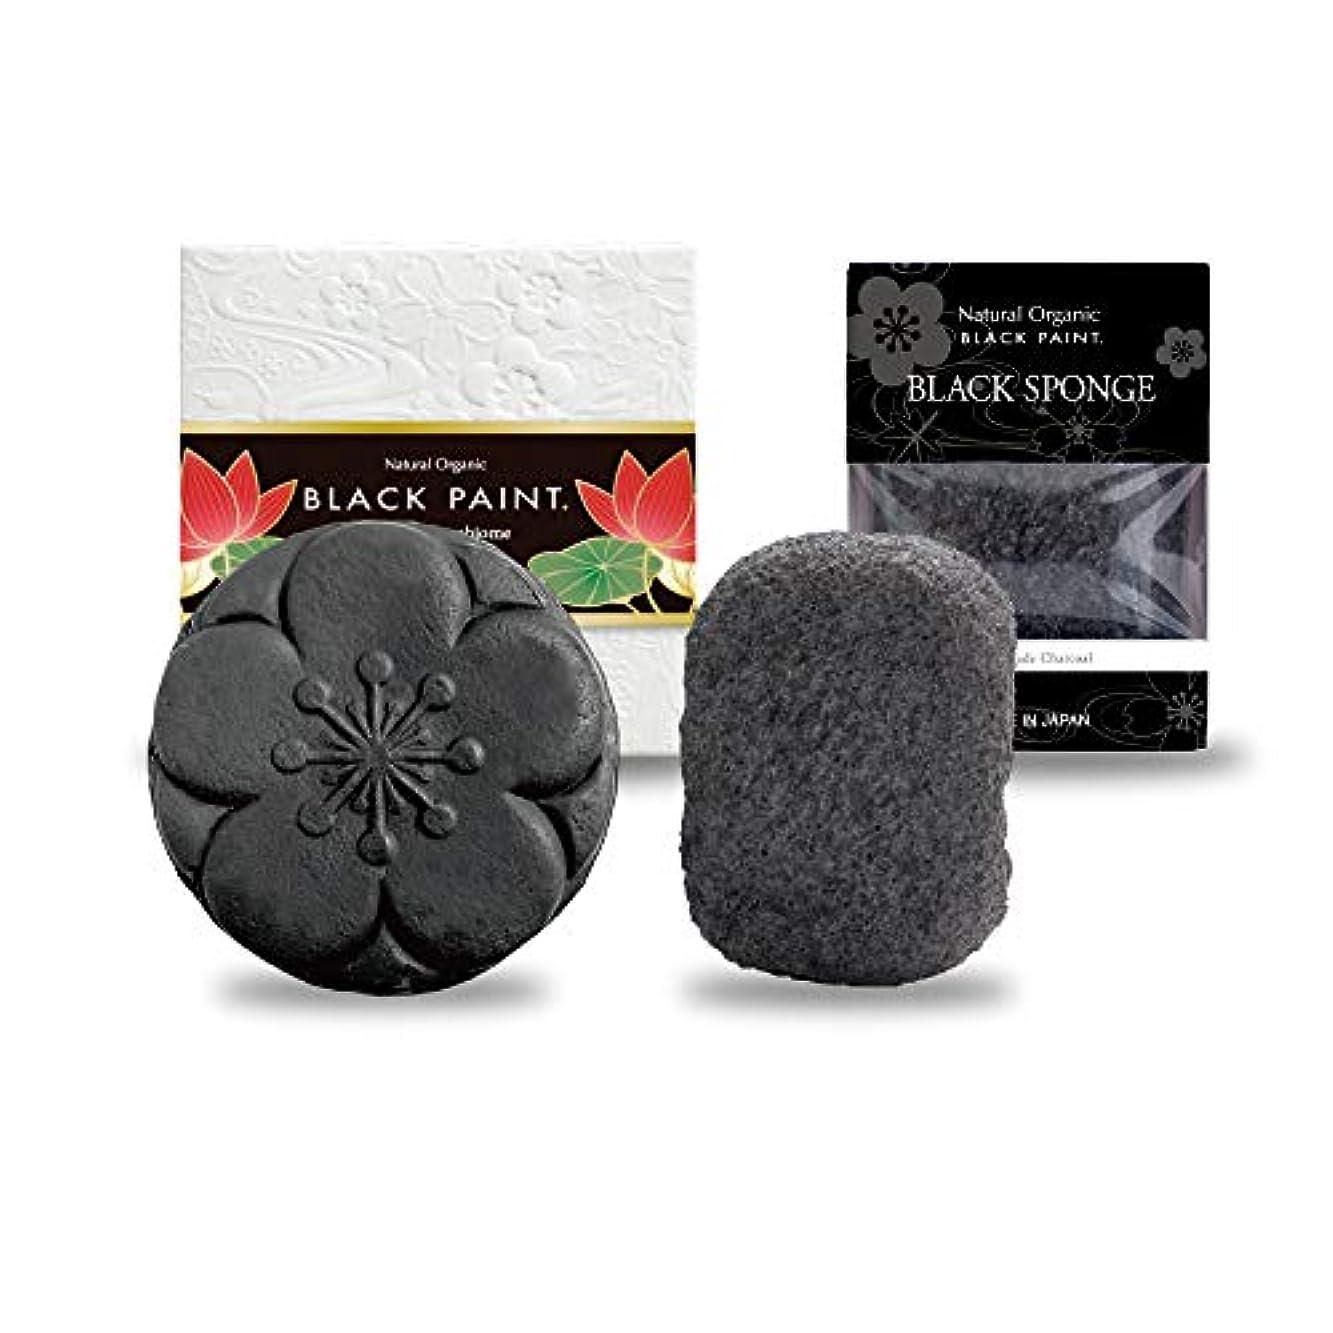 サイレント保護する用量プレミアムブラックペイント120g&ブラックスポンジ 洗顔セット